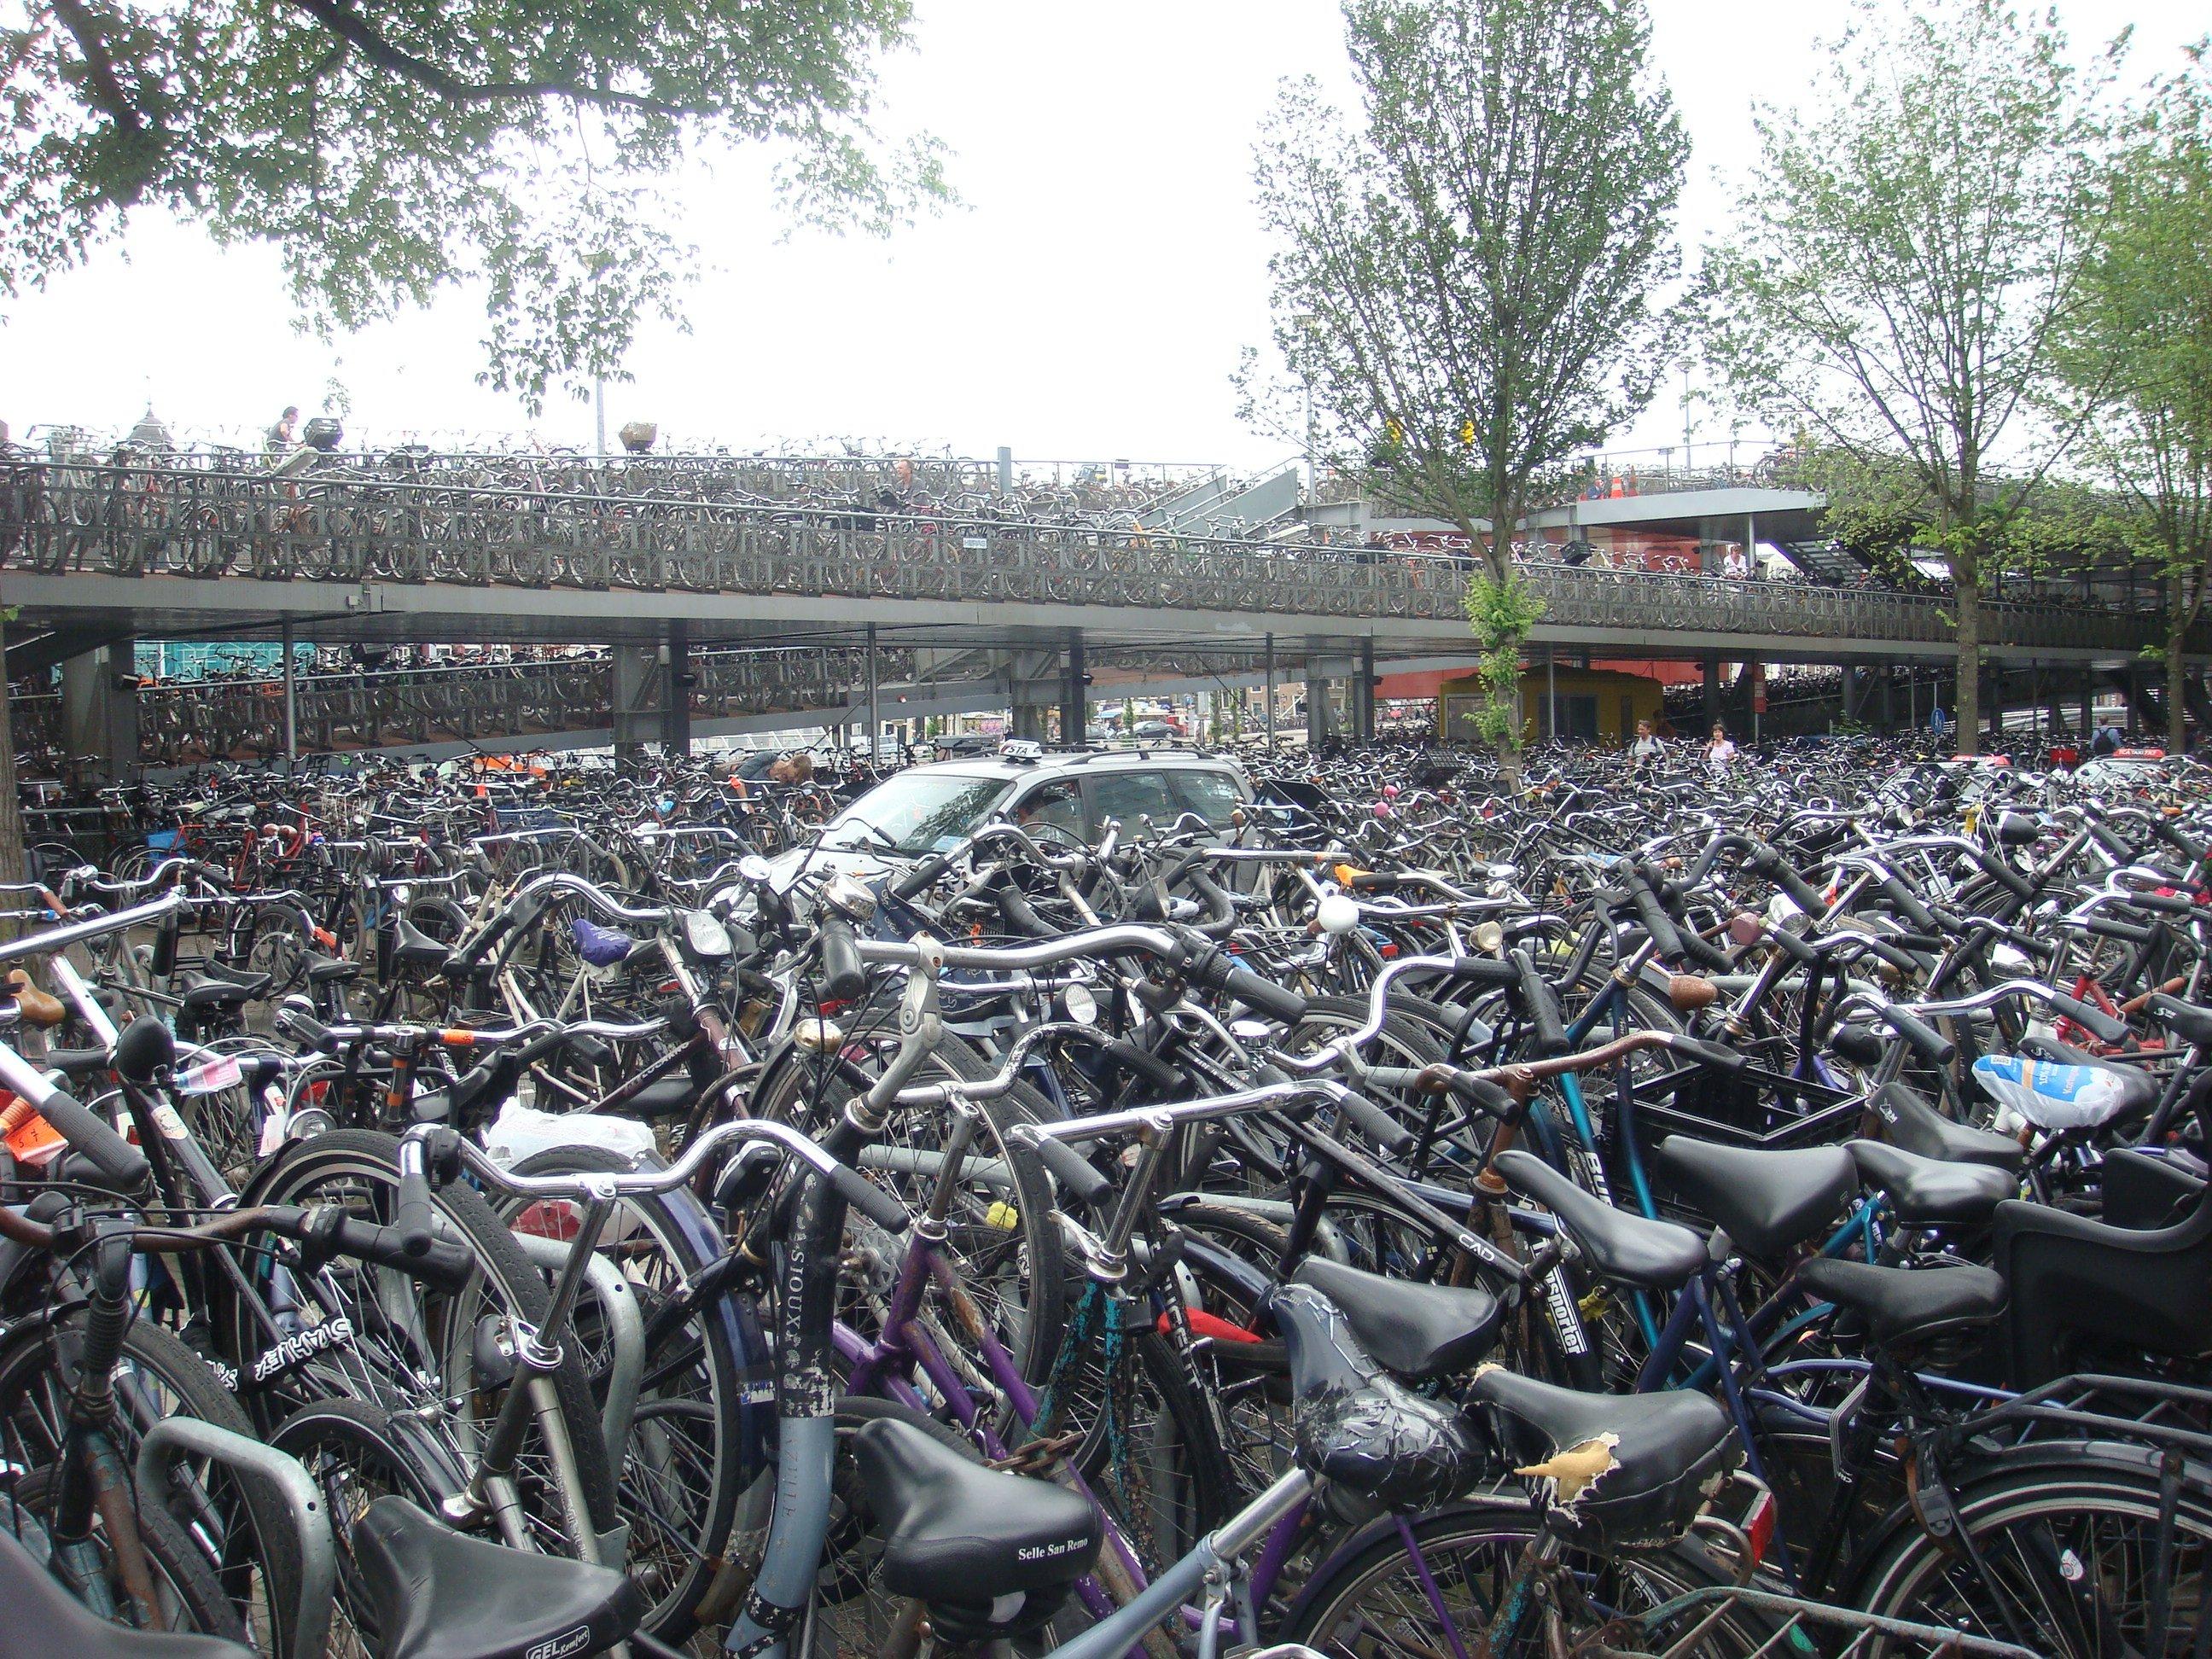 Full of bike